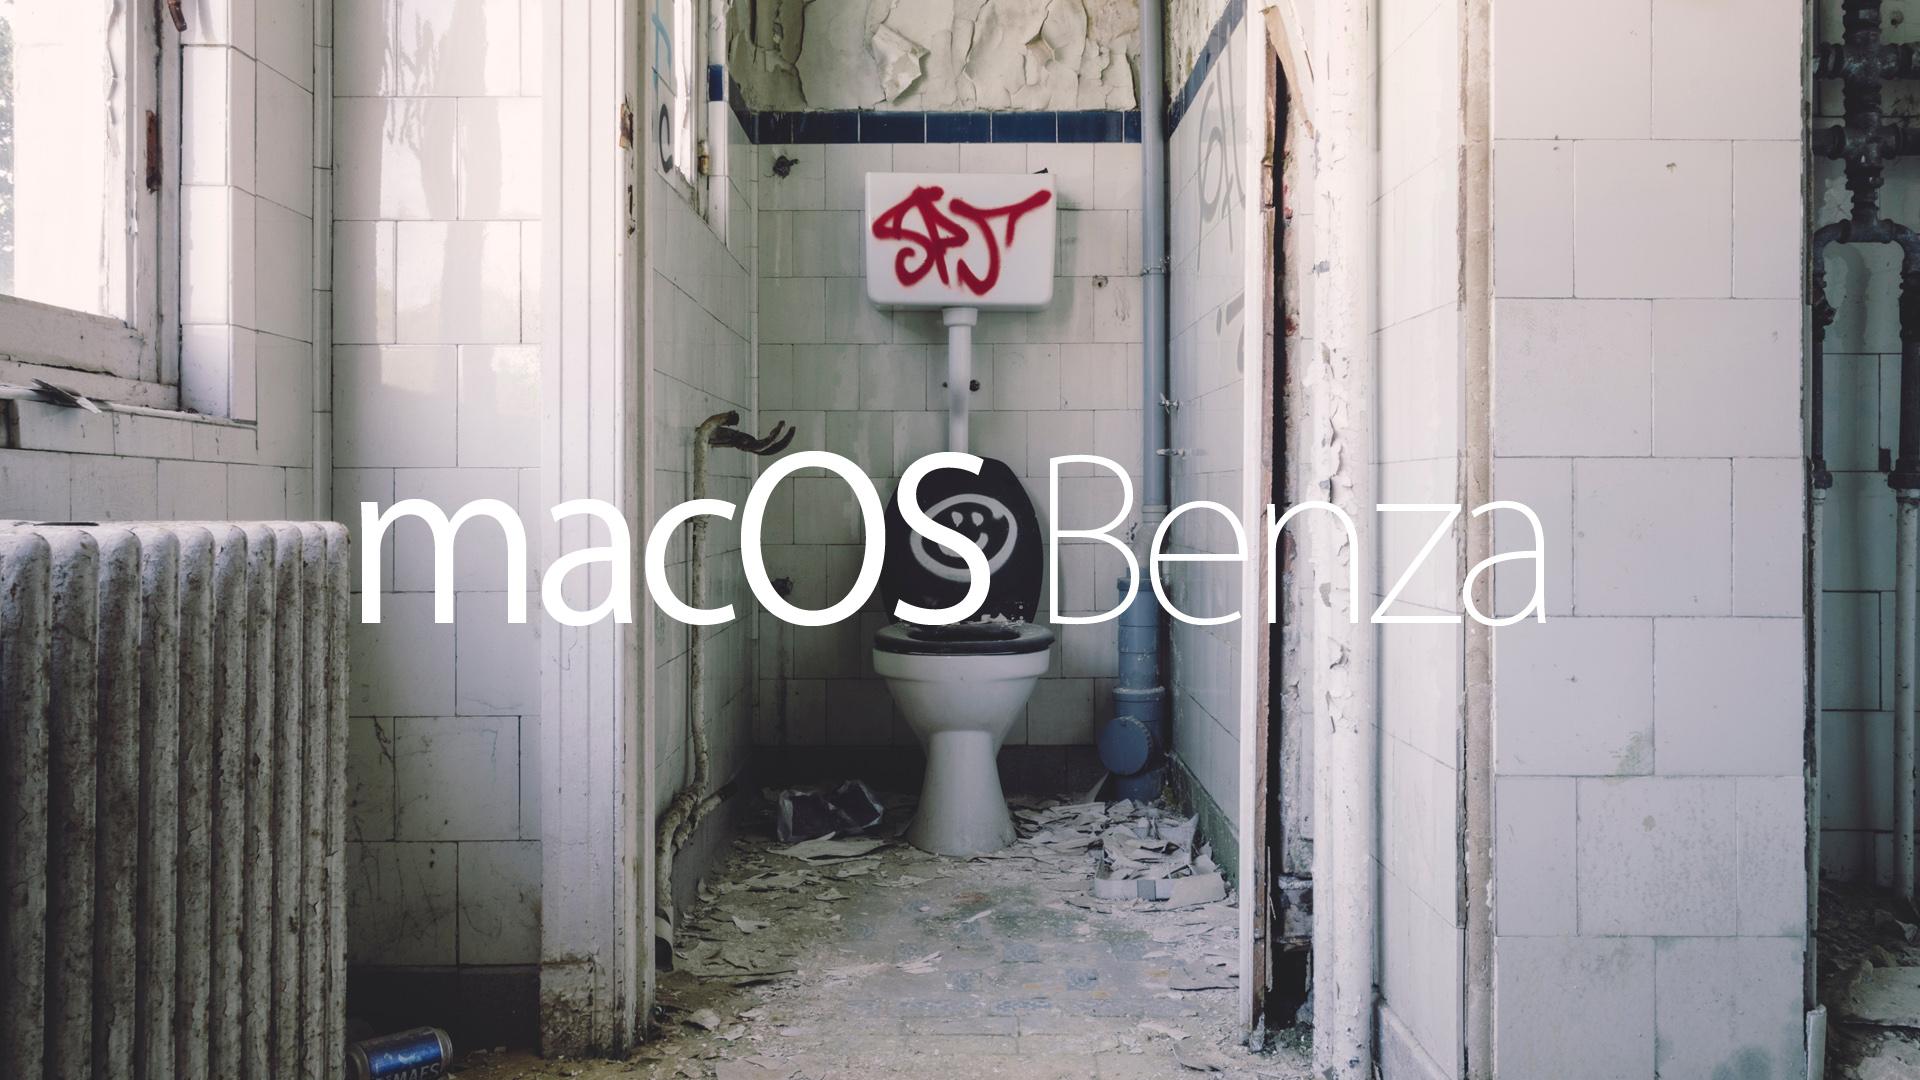 Mac OS Benza